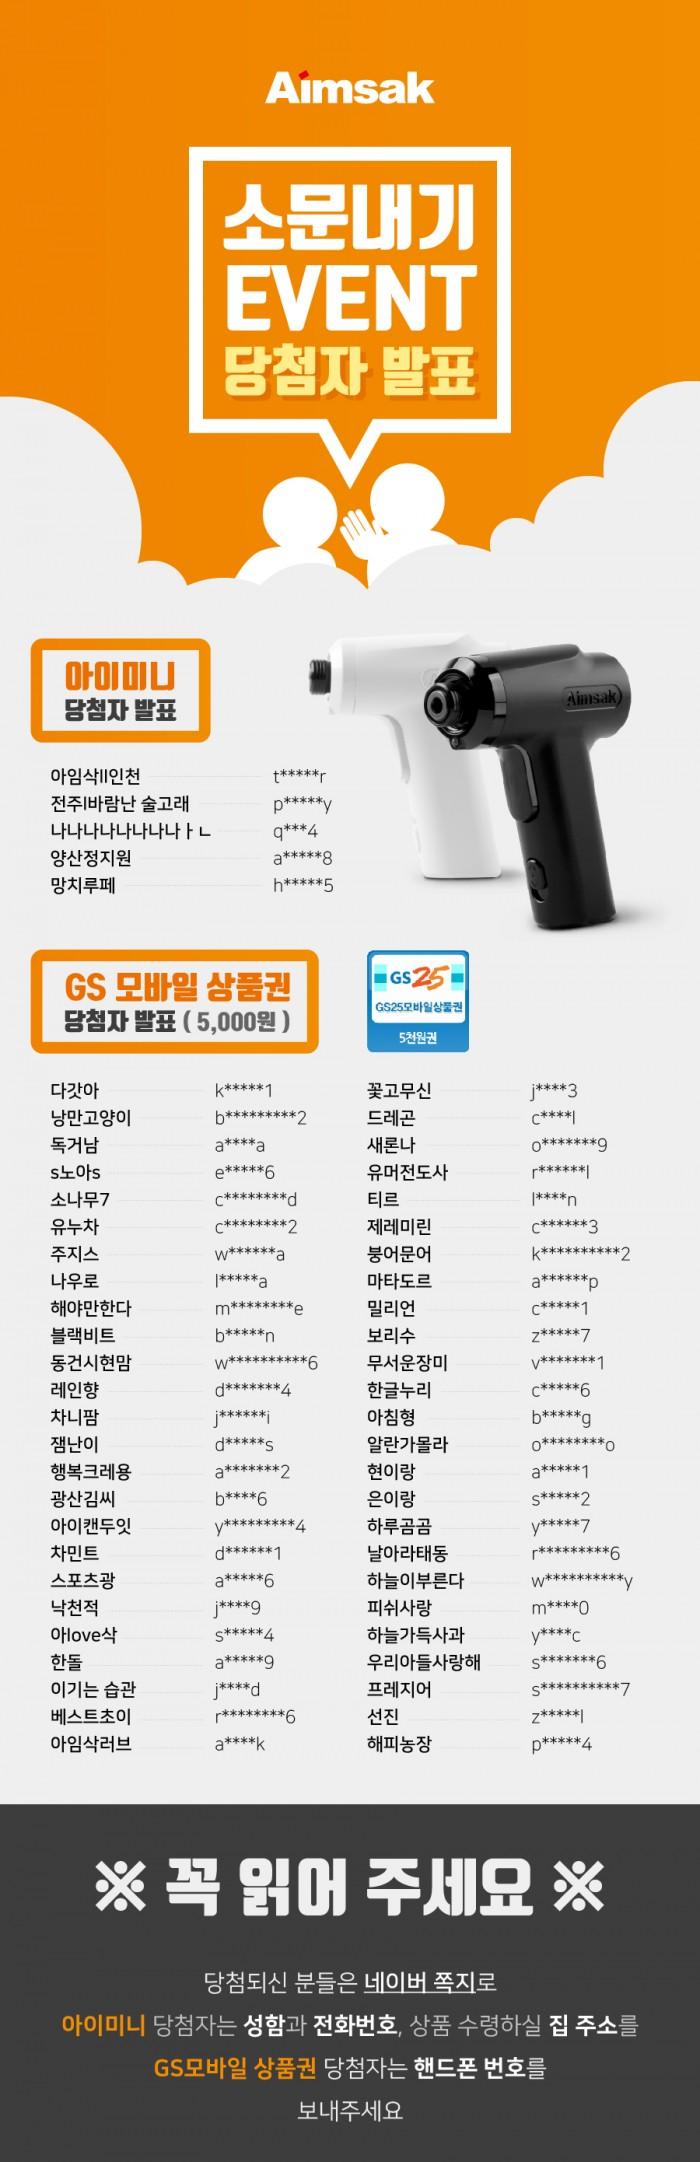 카페개설이벤트_당첨자_발표-H01.jpg